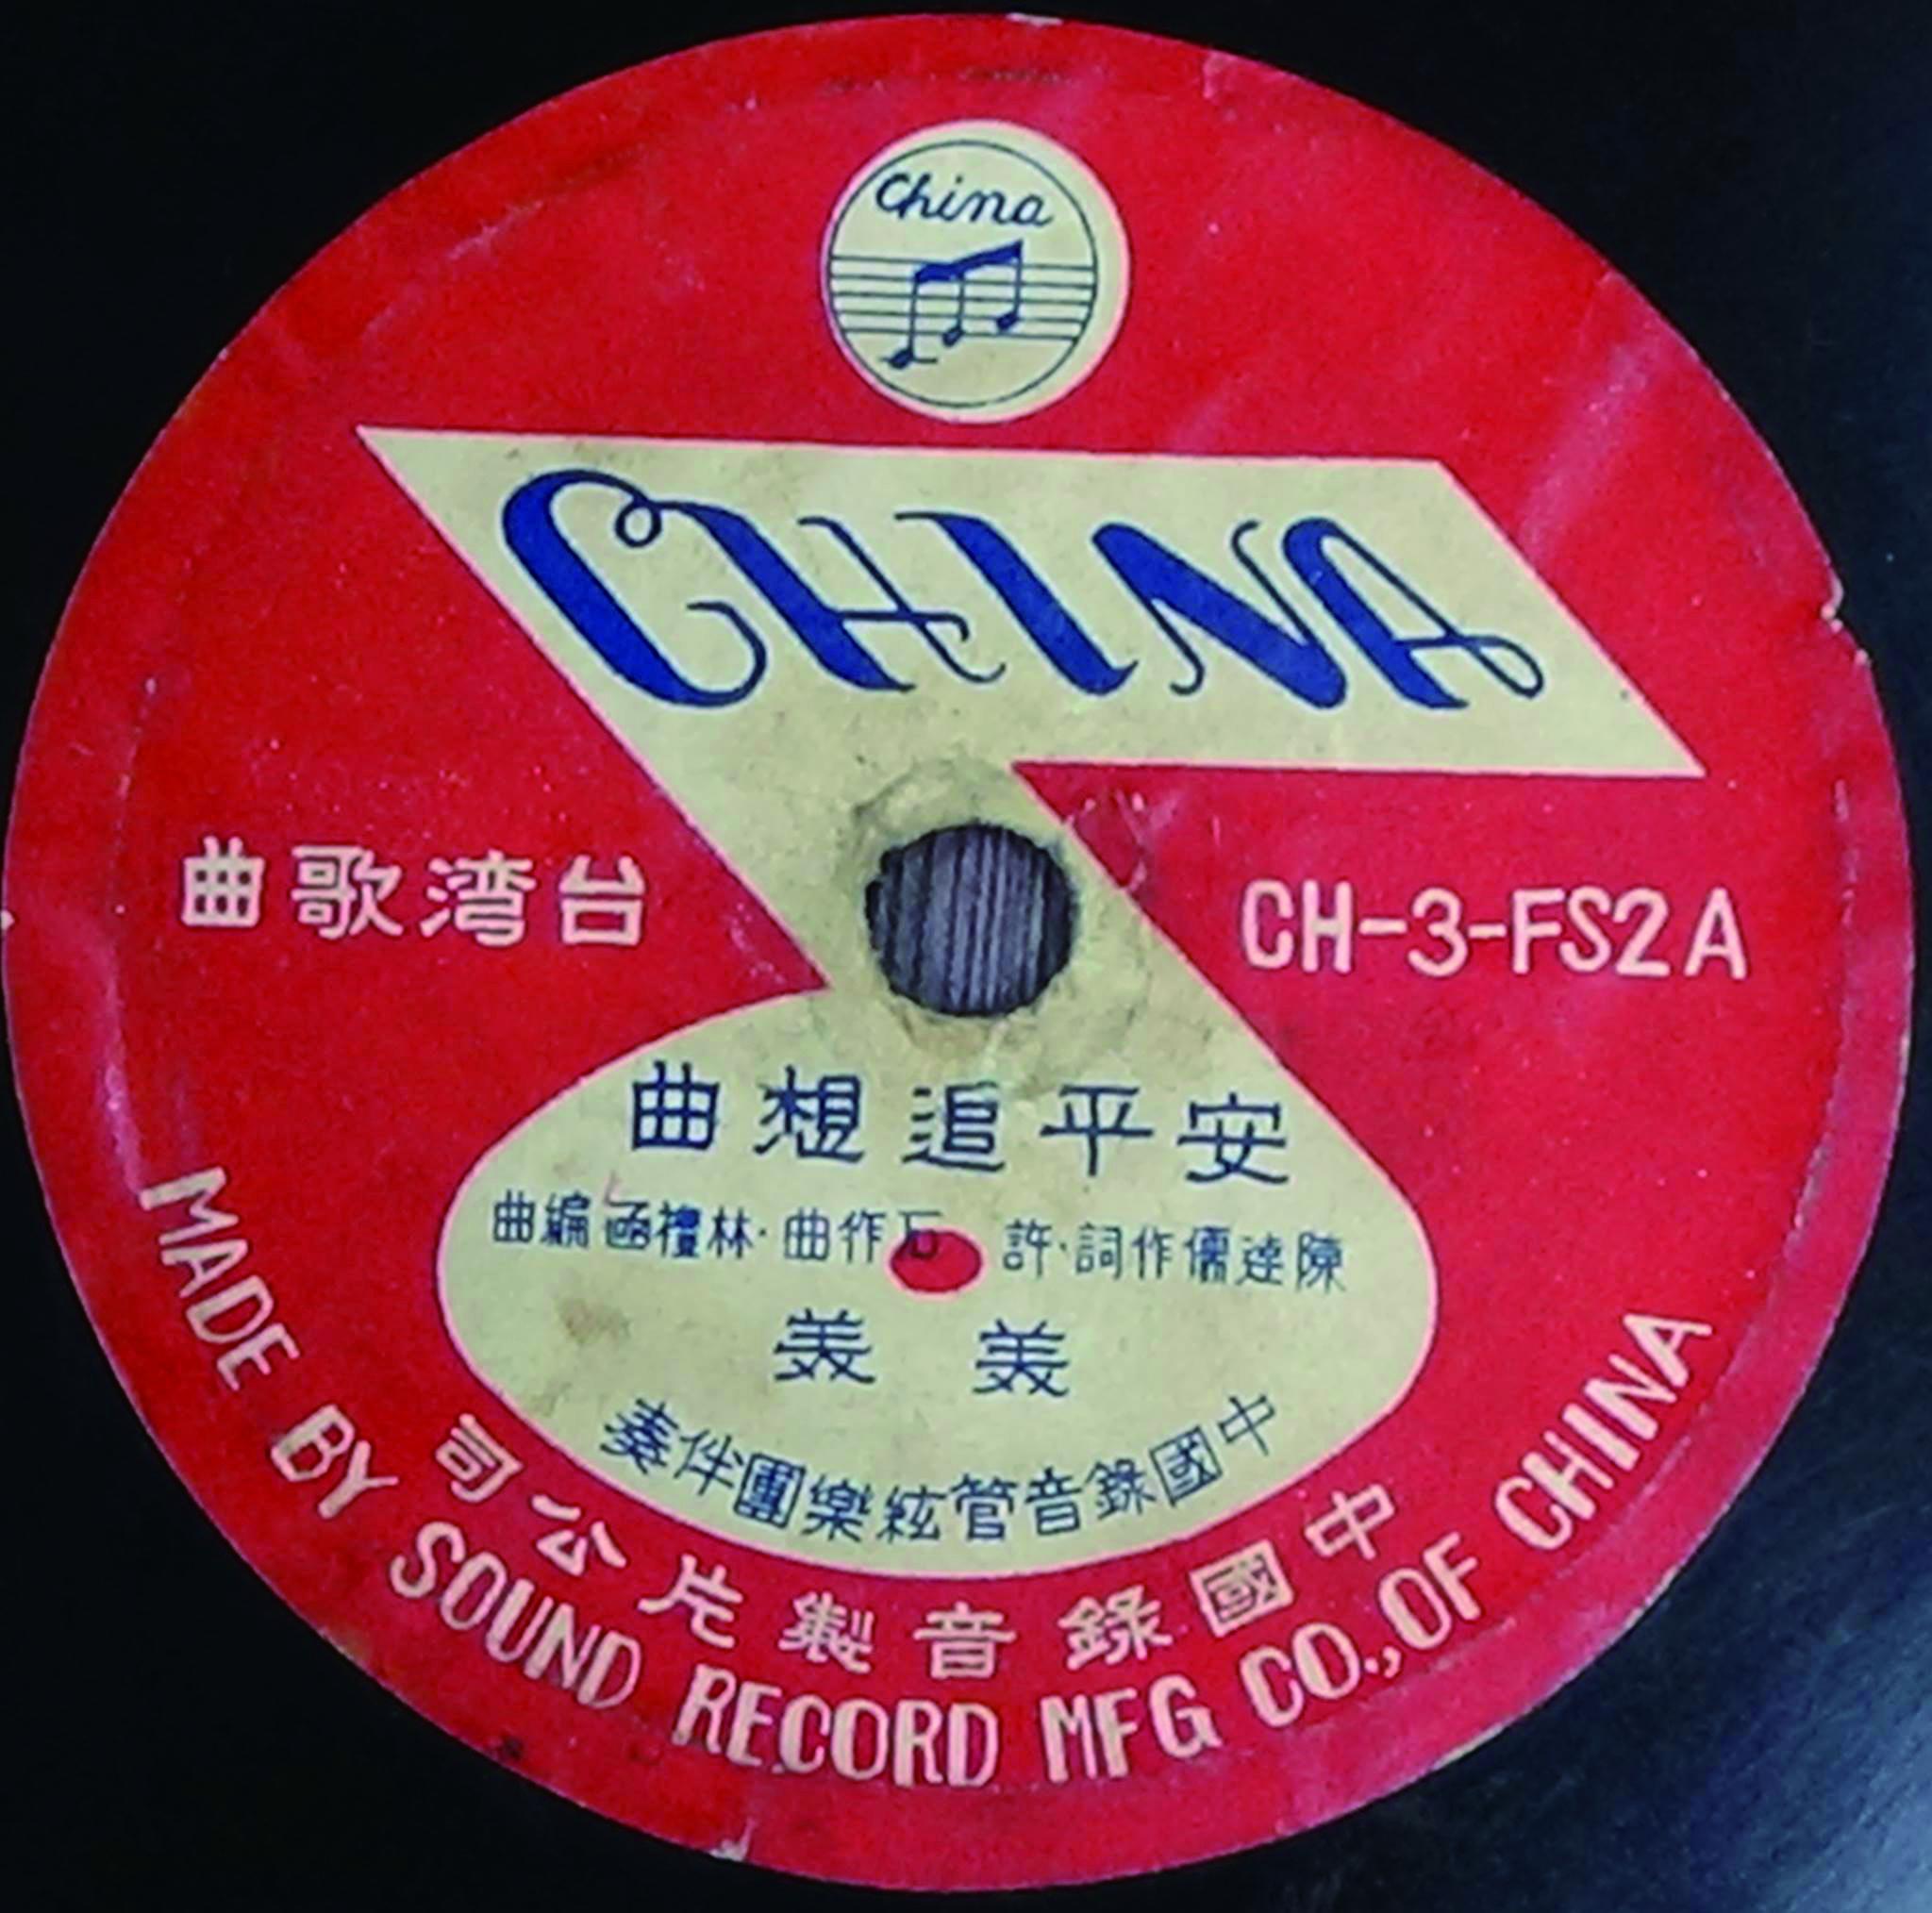 3 1952 年許石設立中國唱片,出版了〈安平追想曲〉等流行歌曲與愛國歌曲。( 徐登芳提供).jpg